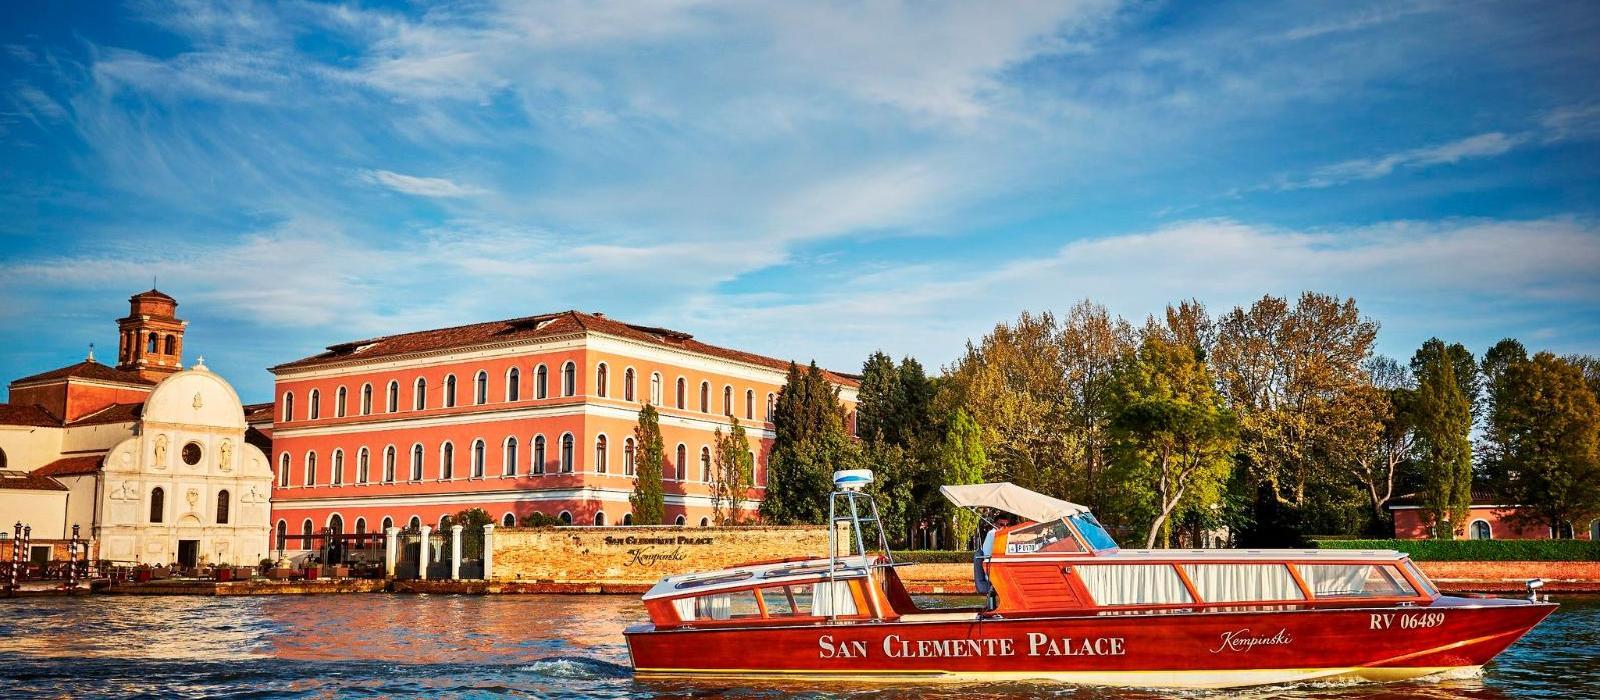 圣克莱门特皇宫凯宾斯基酒店(San Clemente Palace Kempinski) 图片  www.lhw.cn